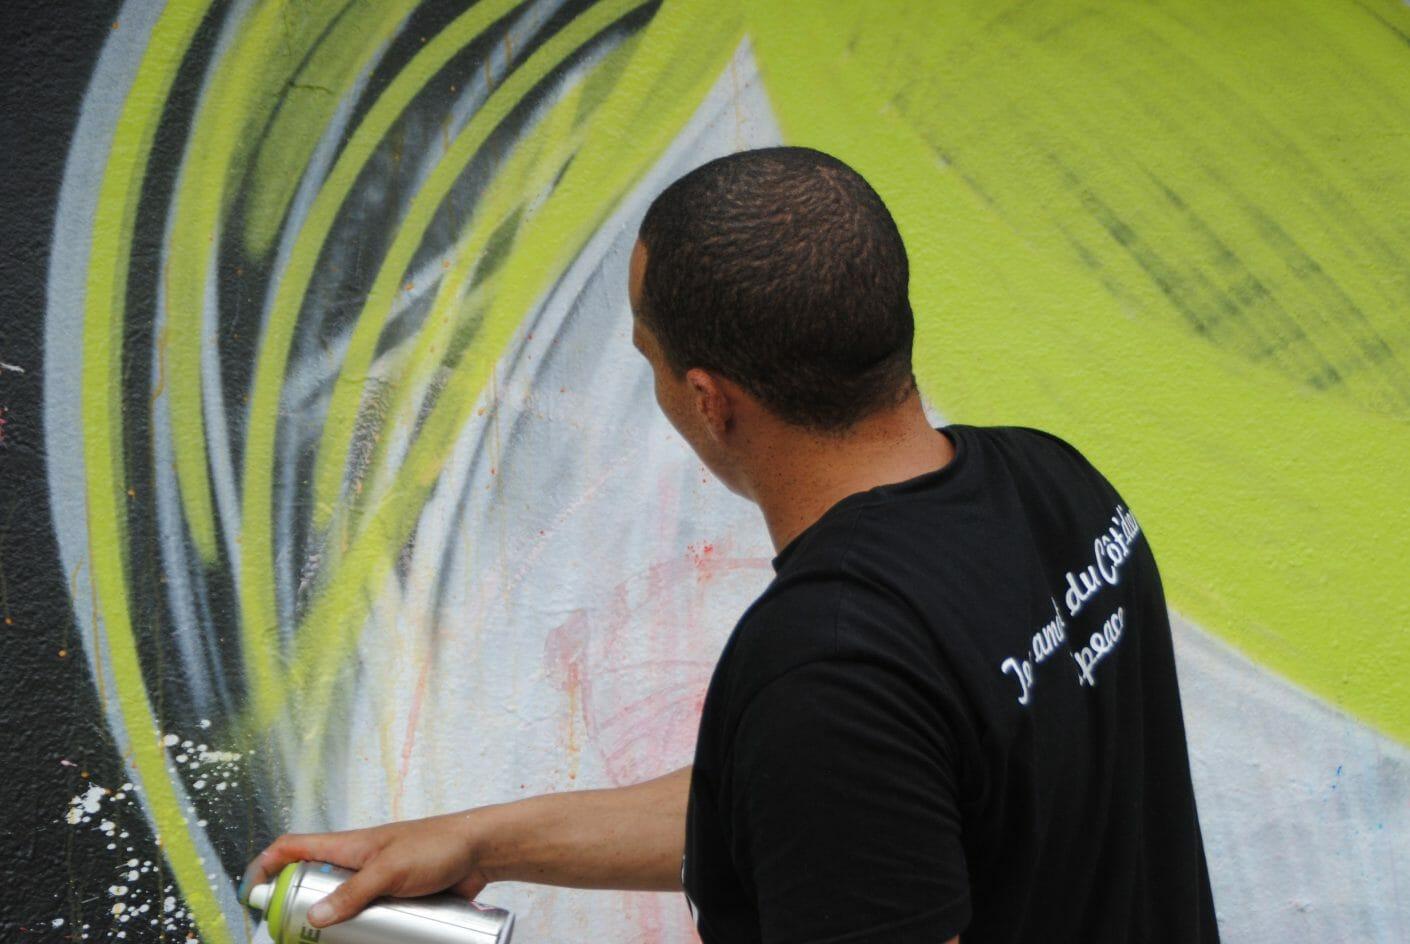 Artiznotcrime x Le Mur Saint Ouen – Interview et performance 12